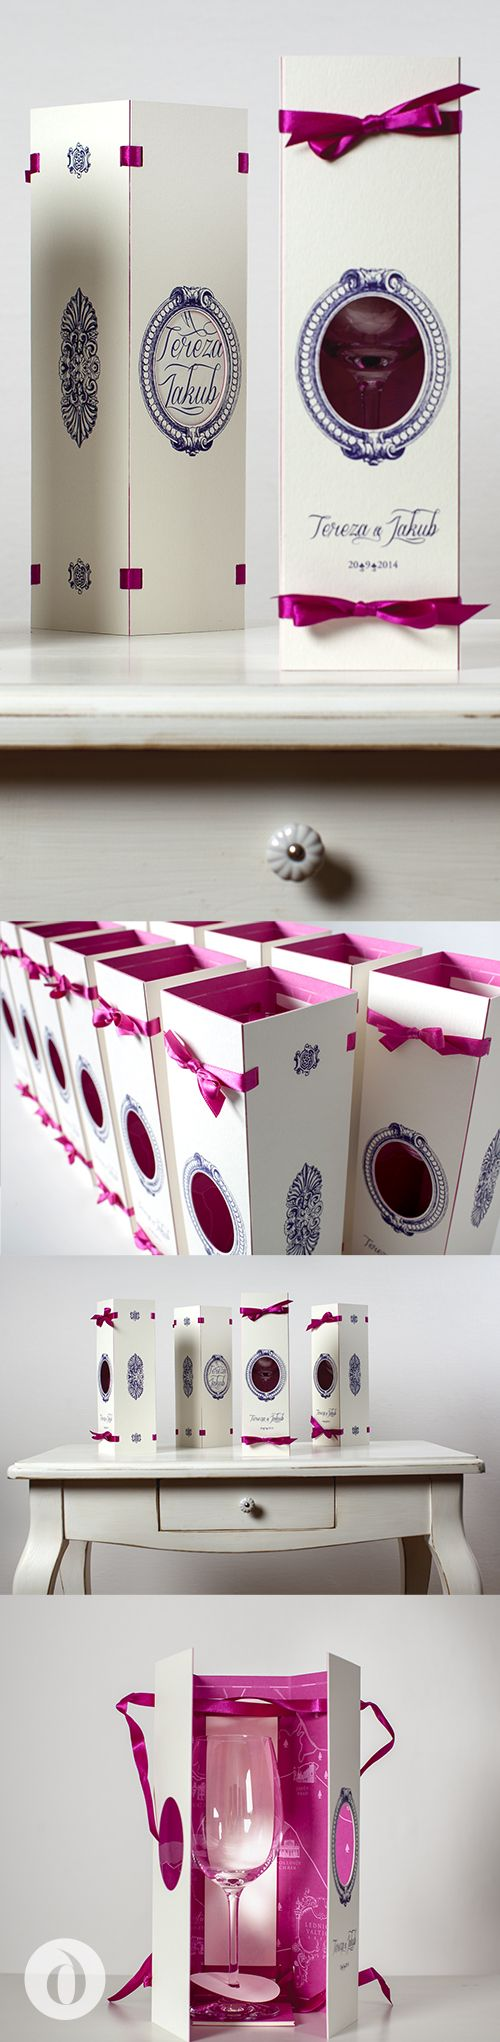 Original extraordinary wedding invitation - package with a map and wine glass as a gift / Originální, neobyčejné svatební oznámení -  sklenice na víno zabalená jako dárek